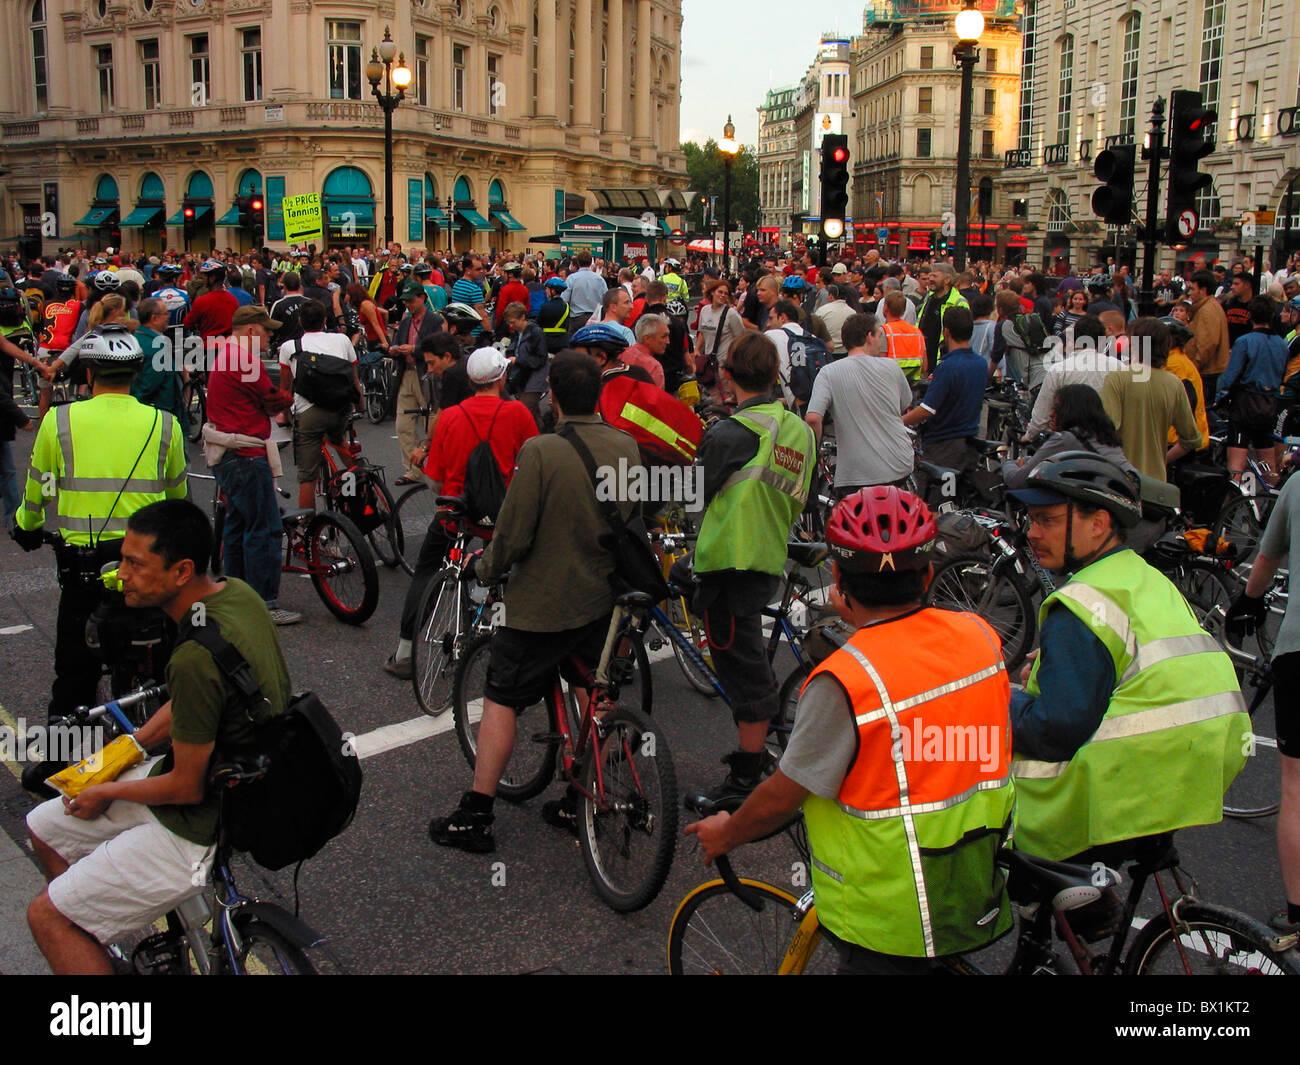 Demostrador de demostración demo bicicleta bicicleta bike rally traffic street de la ciudad de Londres, Inglaterra, Imagen De Stock